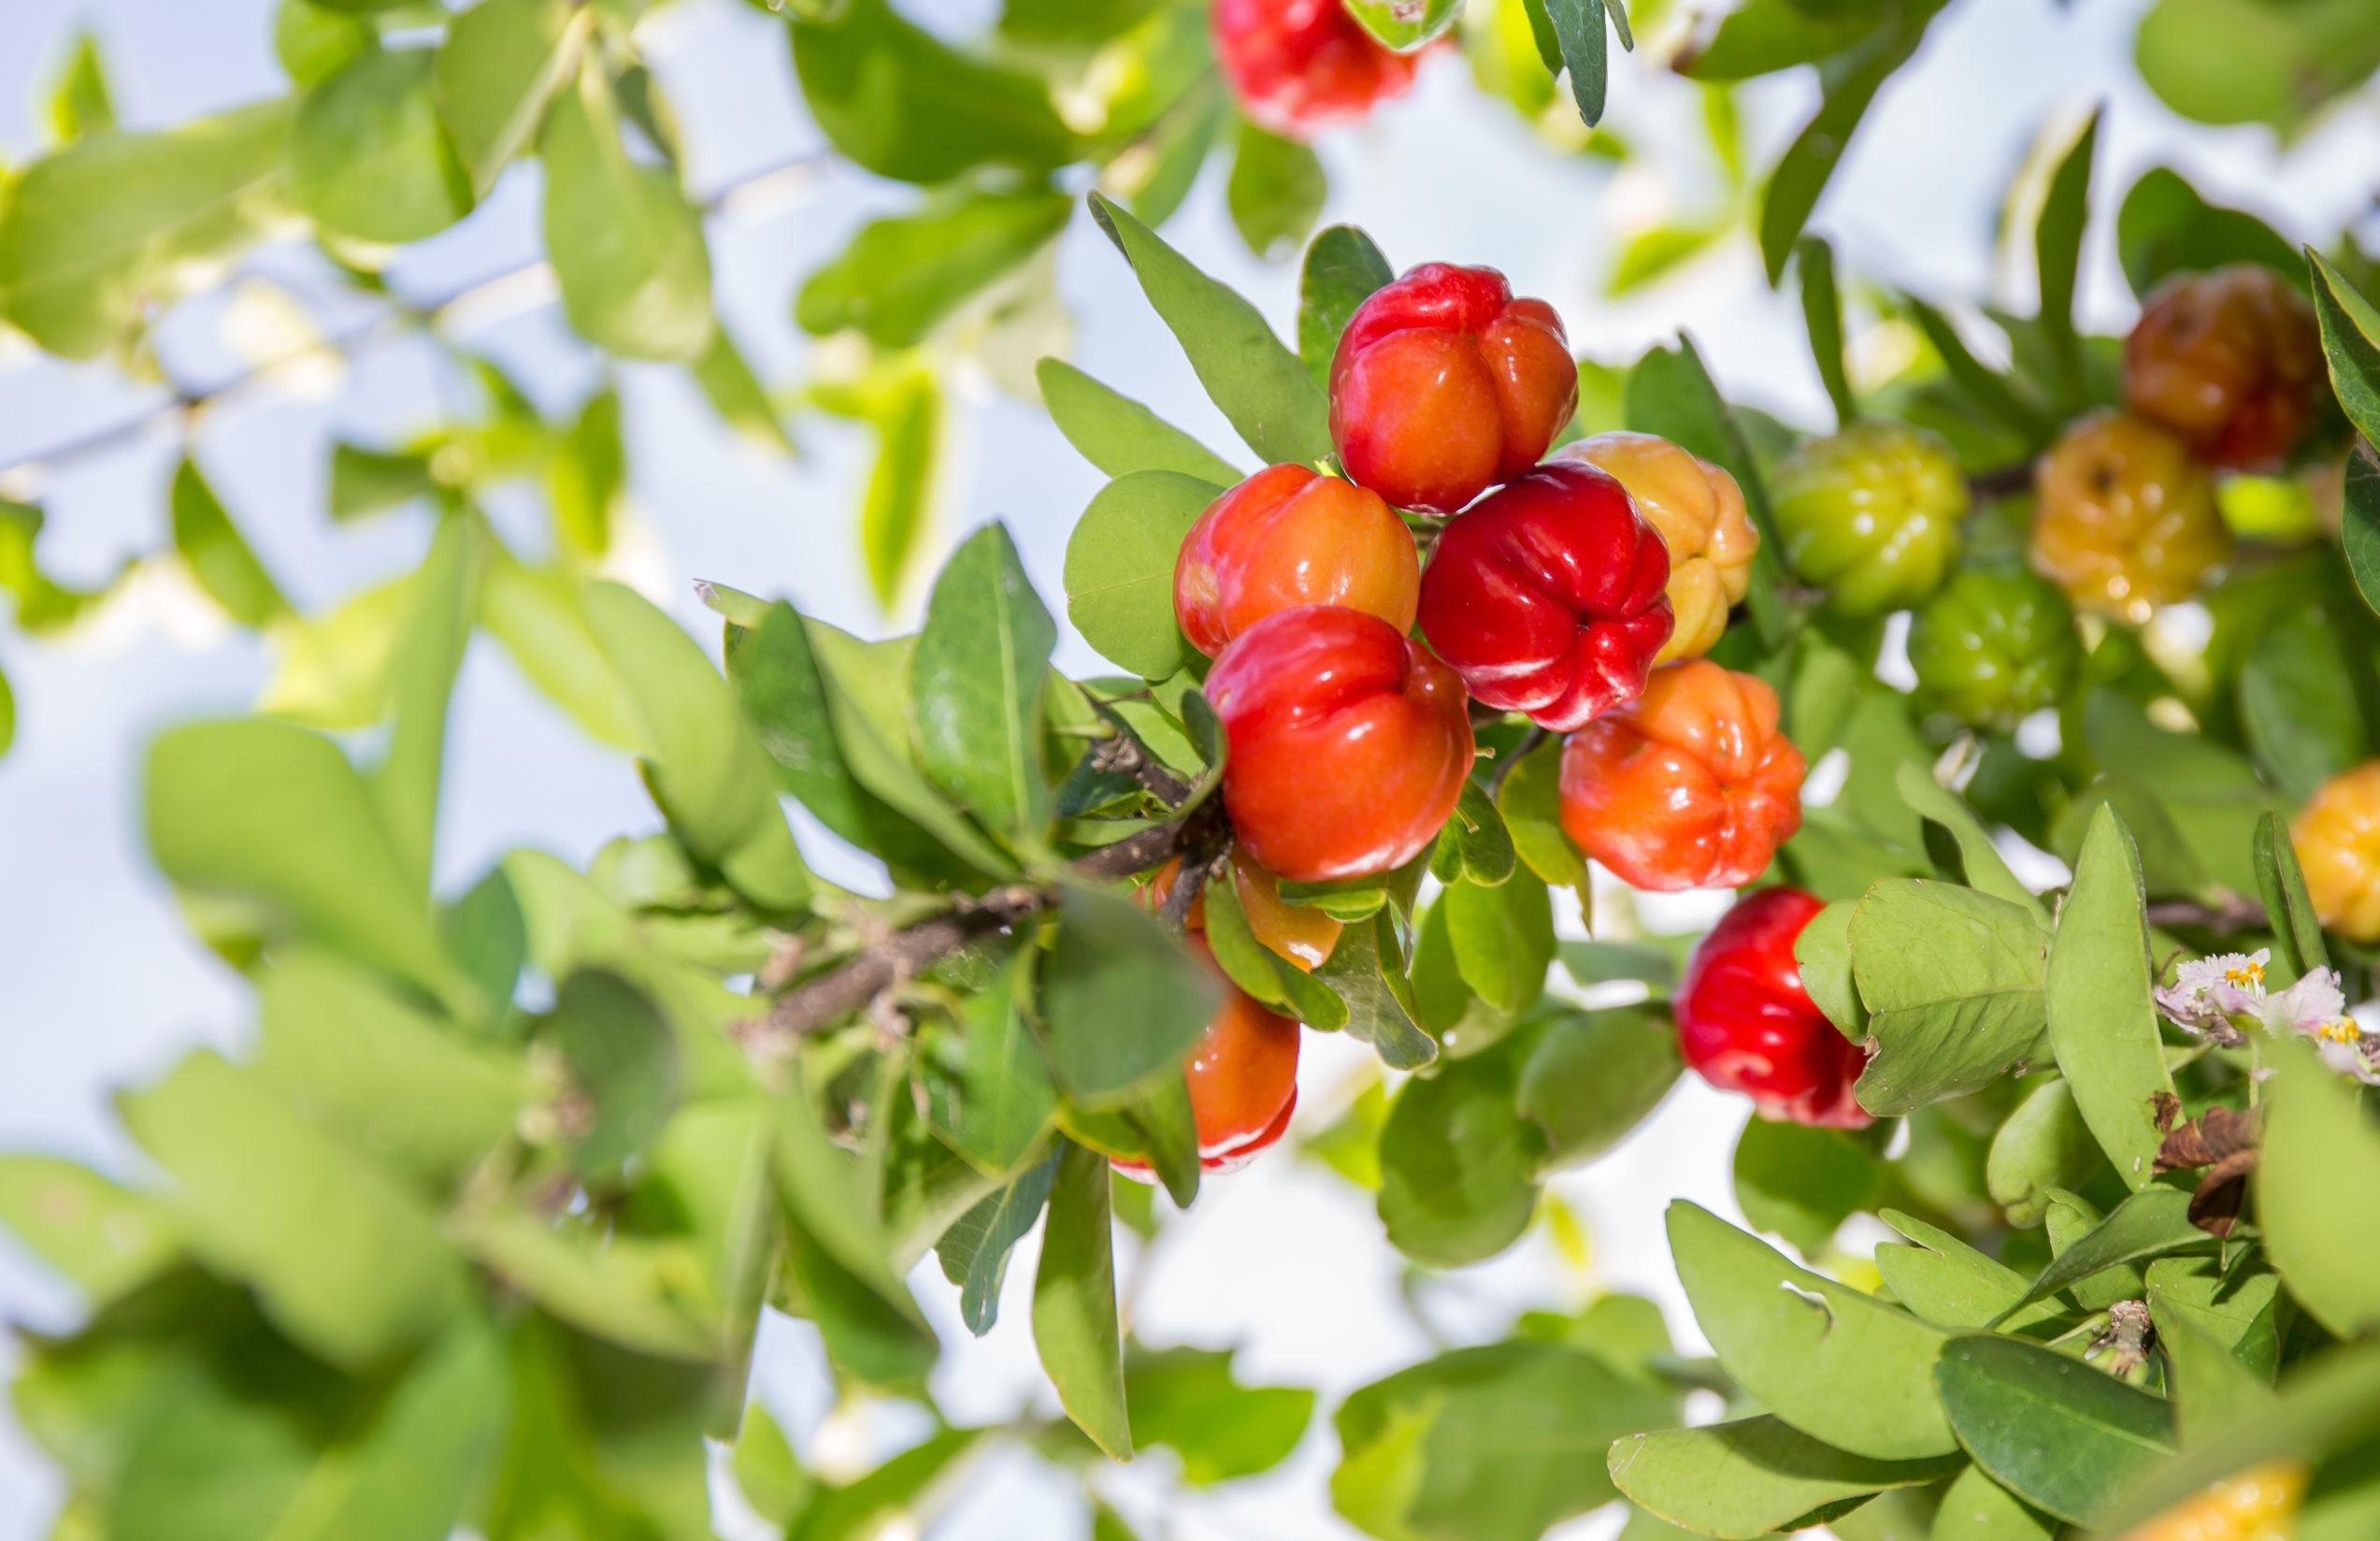 Arbol de acerola cargado con frutas